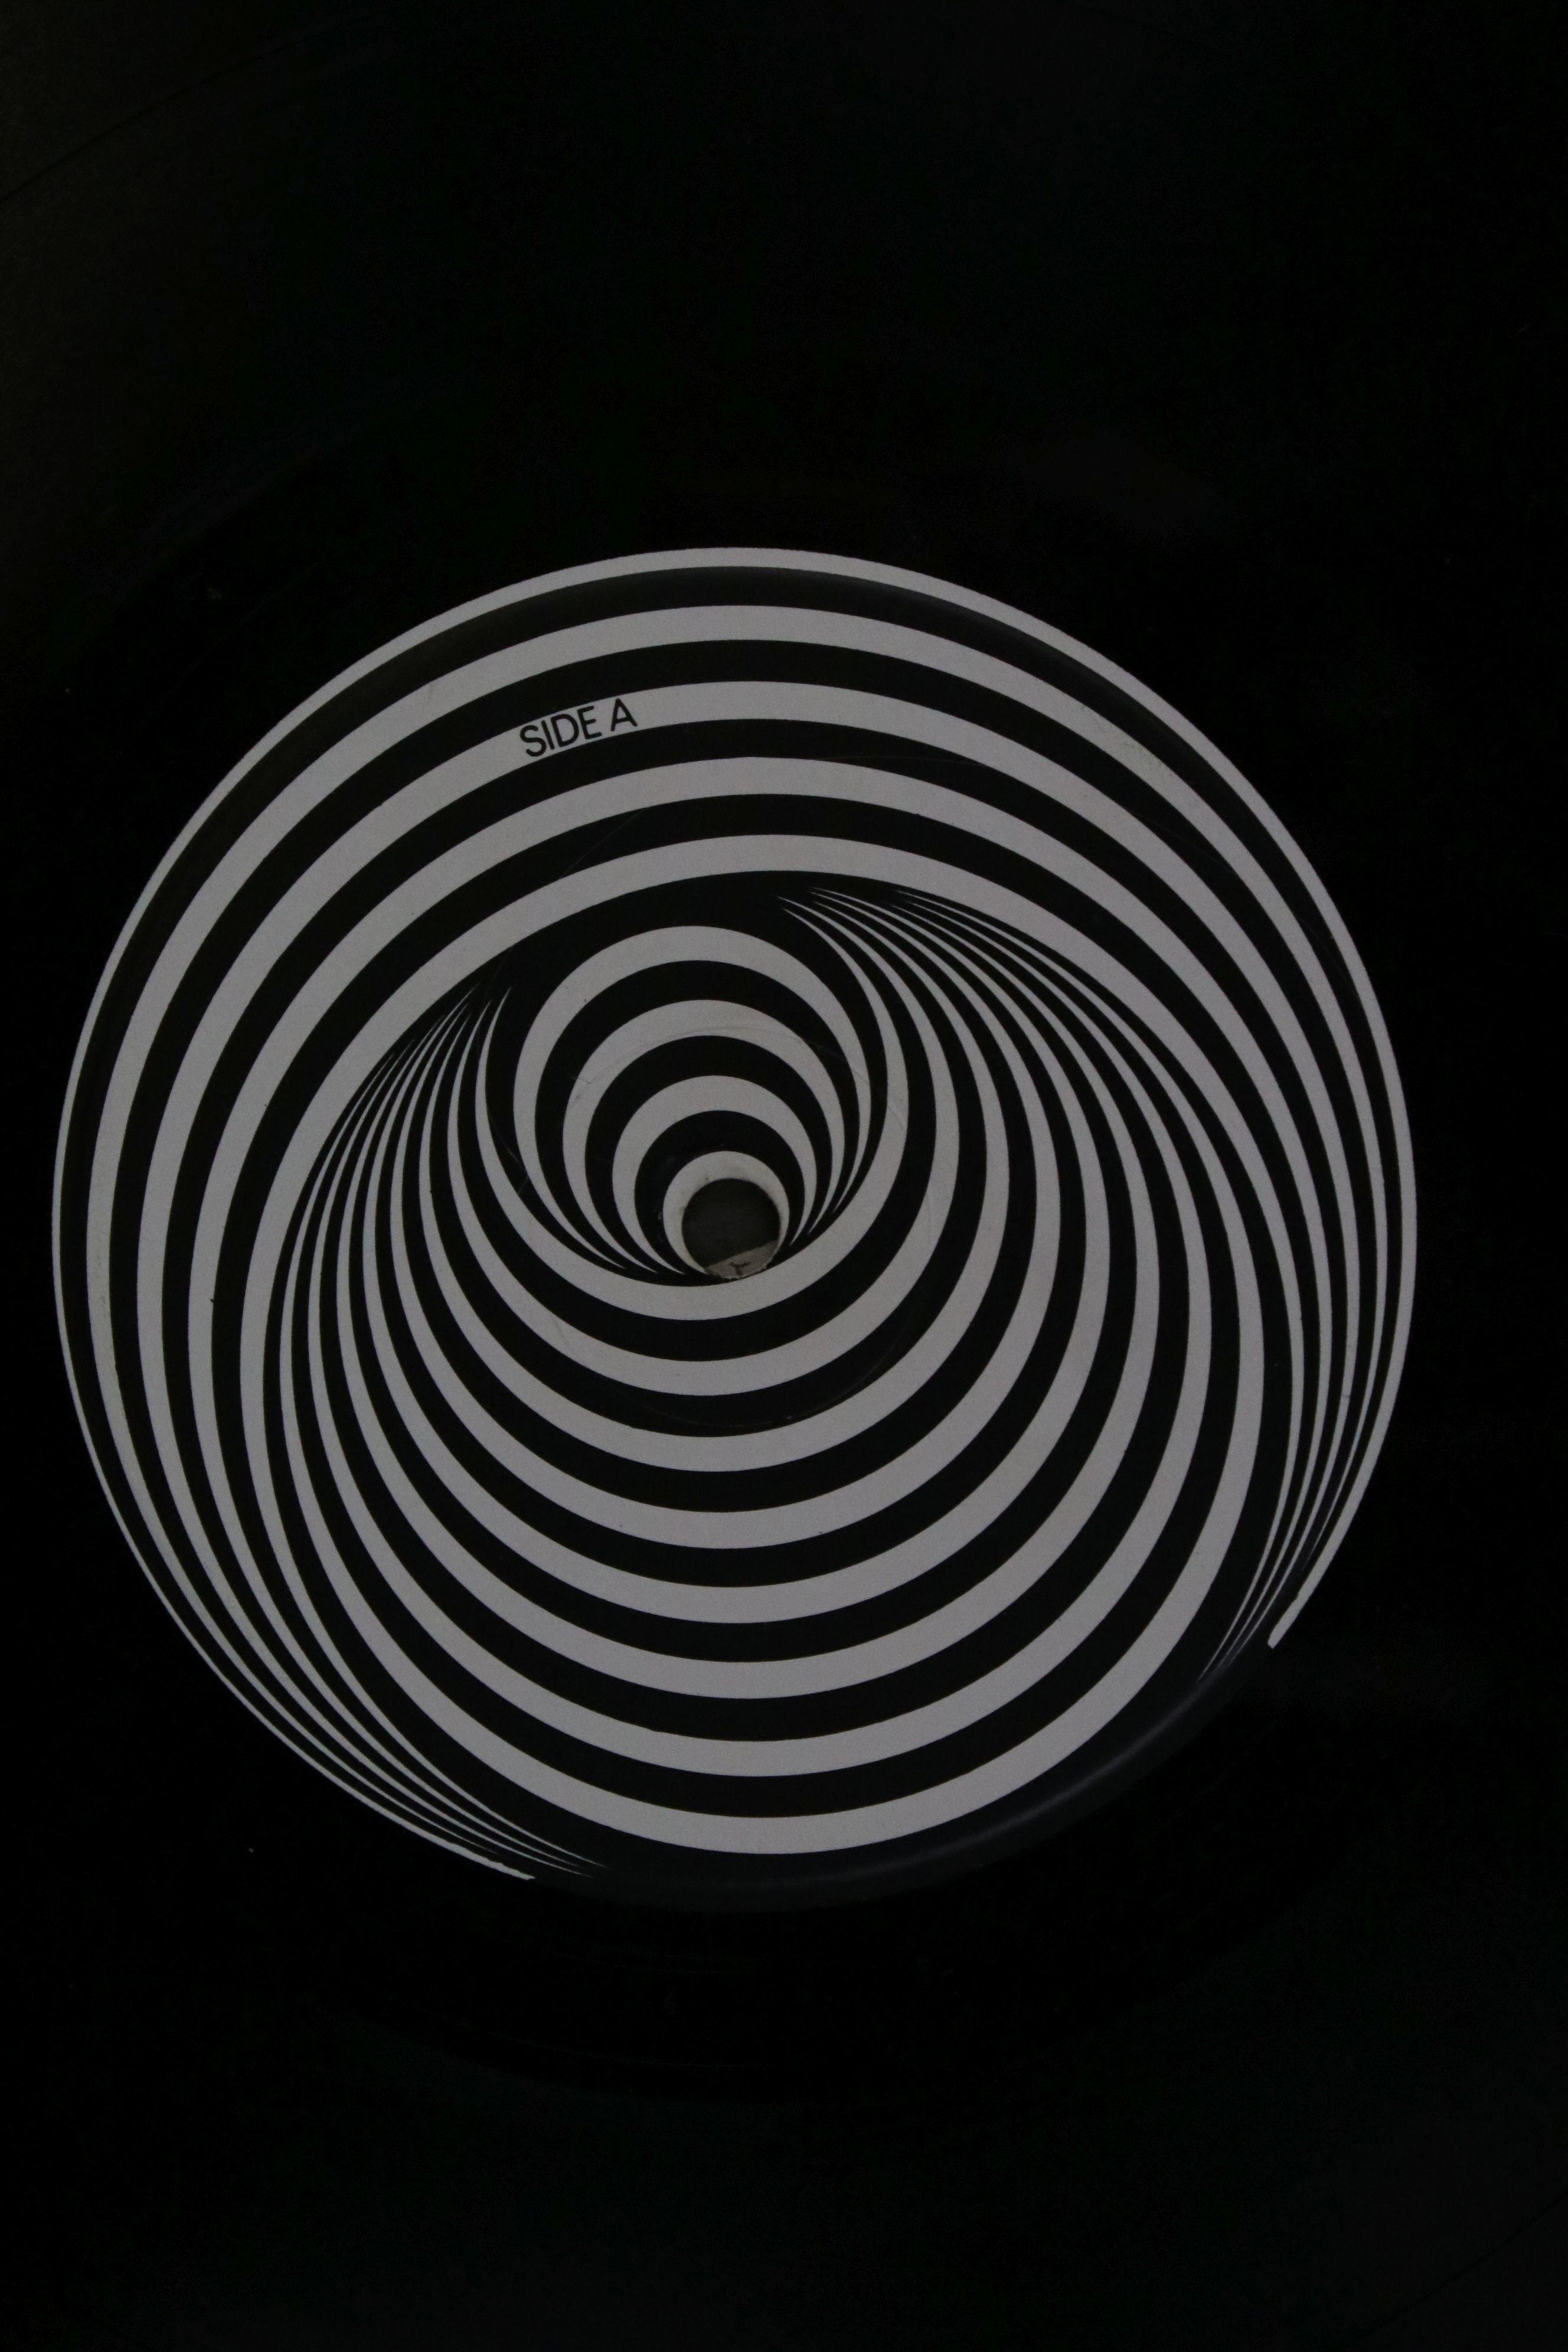 Vinyl - Black Sabbath Masters of Reality LP on Vertigo 6360050, box cover, no poster, Vertigo - Image 4 of 6